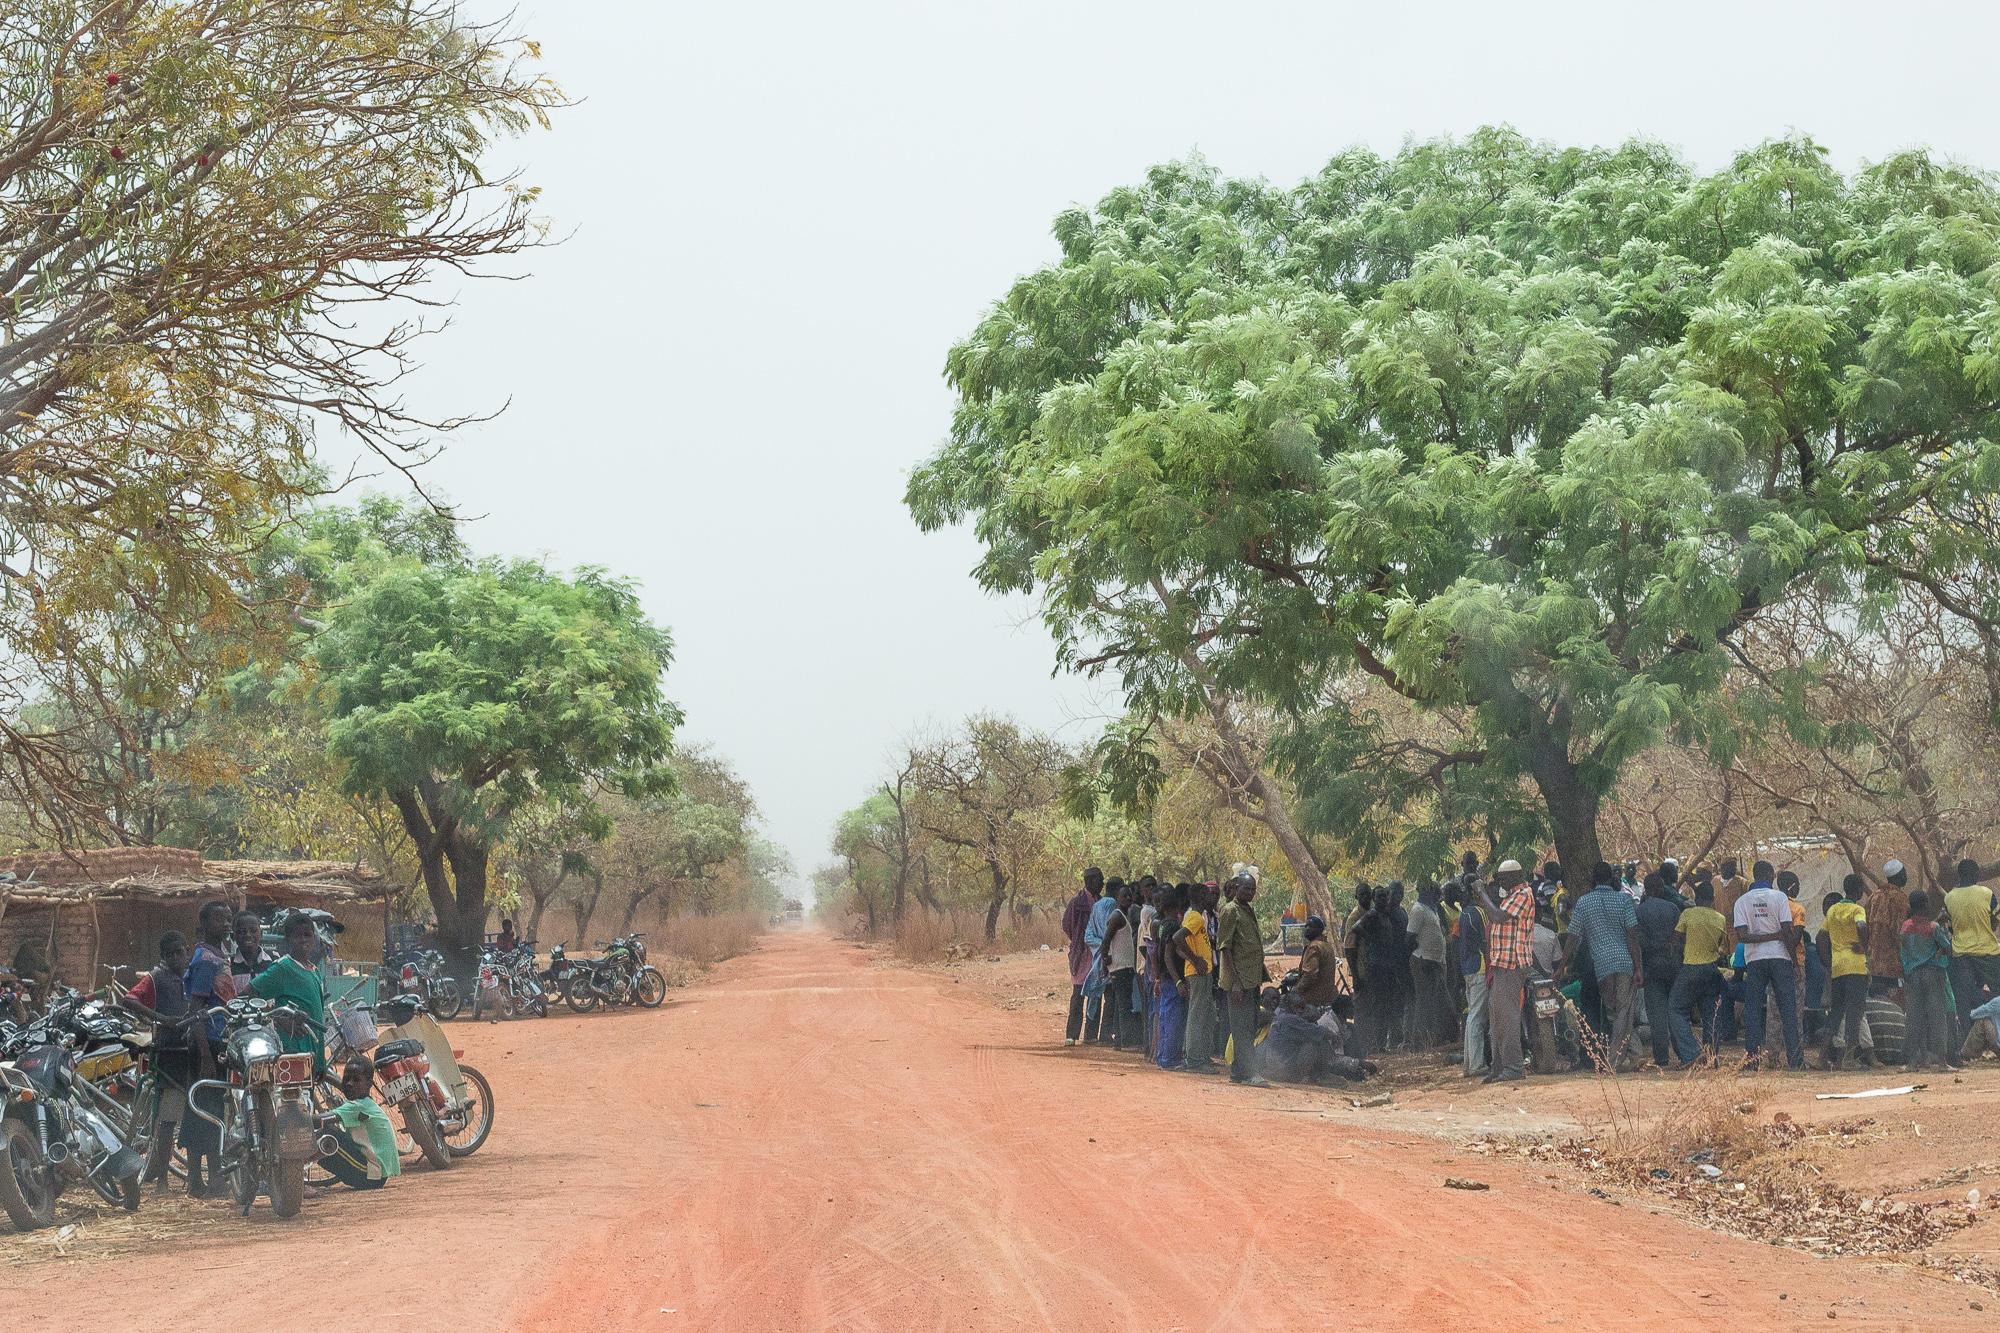 Attroupement d'hommes sous un arbre au bord de la piste entre Nazinga et Bobo Dioulasso, Burkina Faso